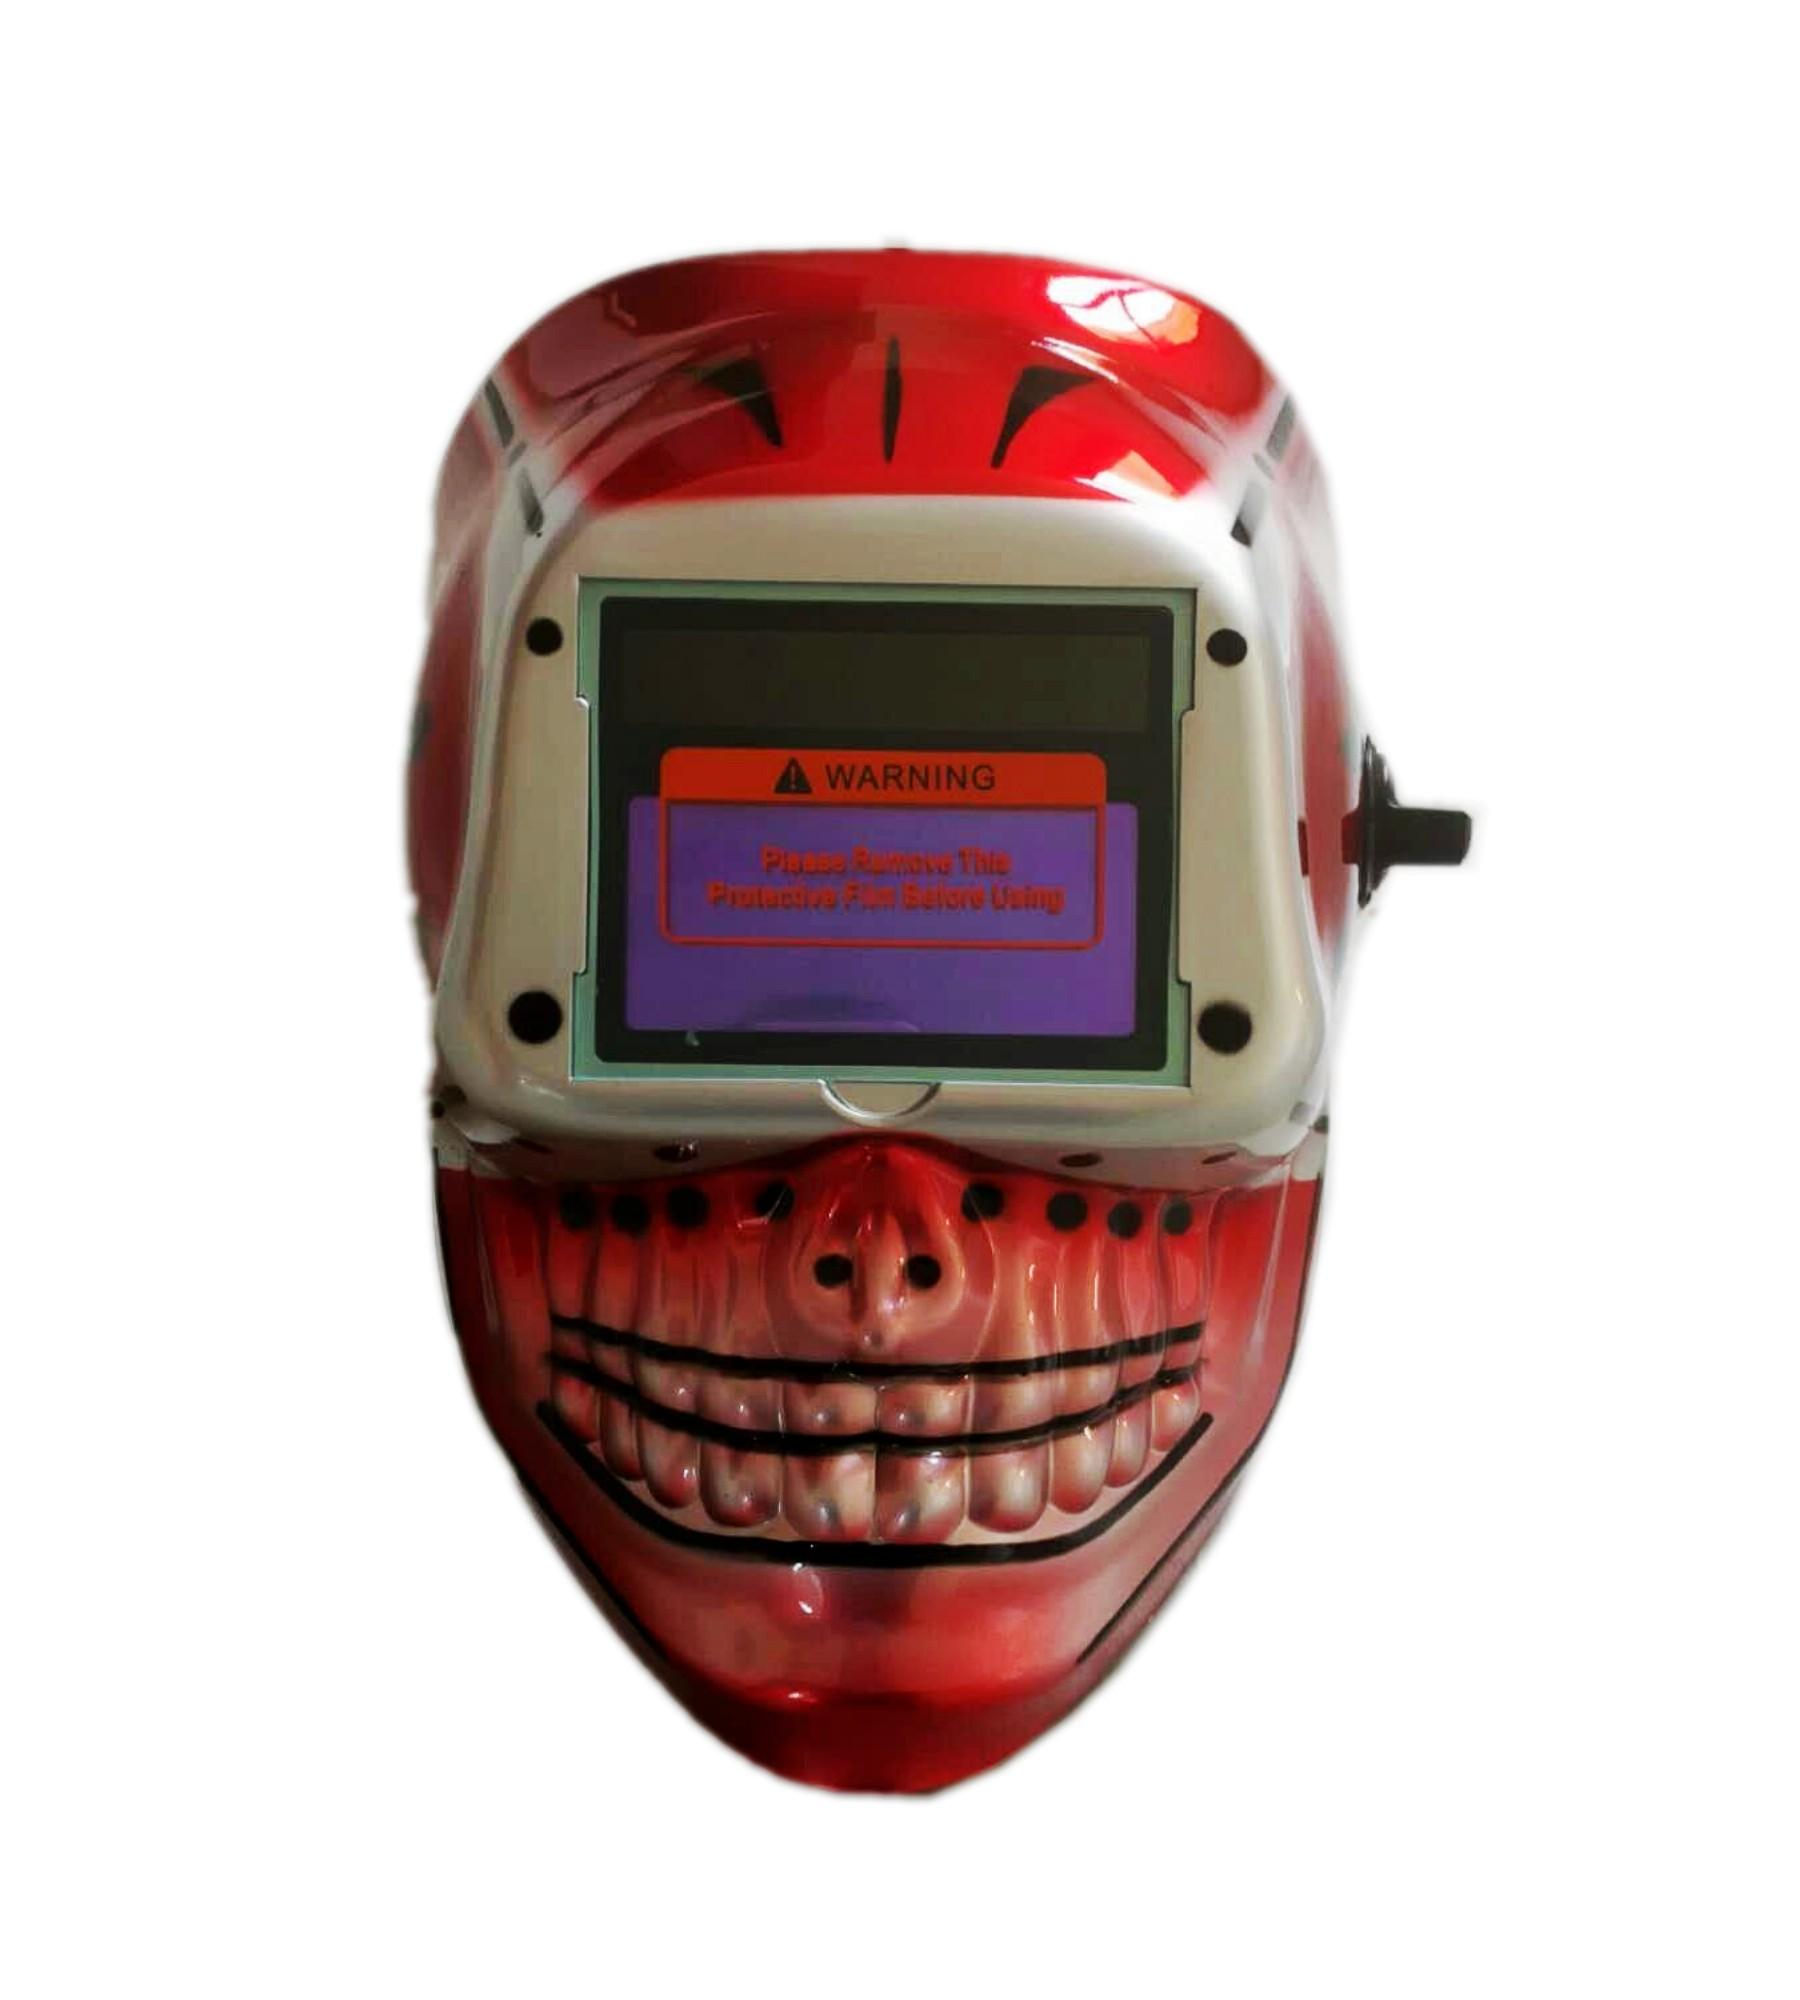 Skull Welding Mask Skull Welding Helmet With Low Price Buy Welding Helmet With Respirator Welding Mask Product On Alibaba Com